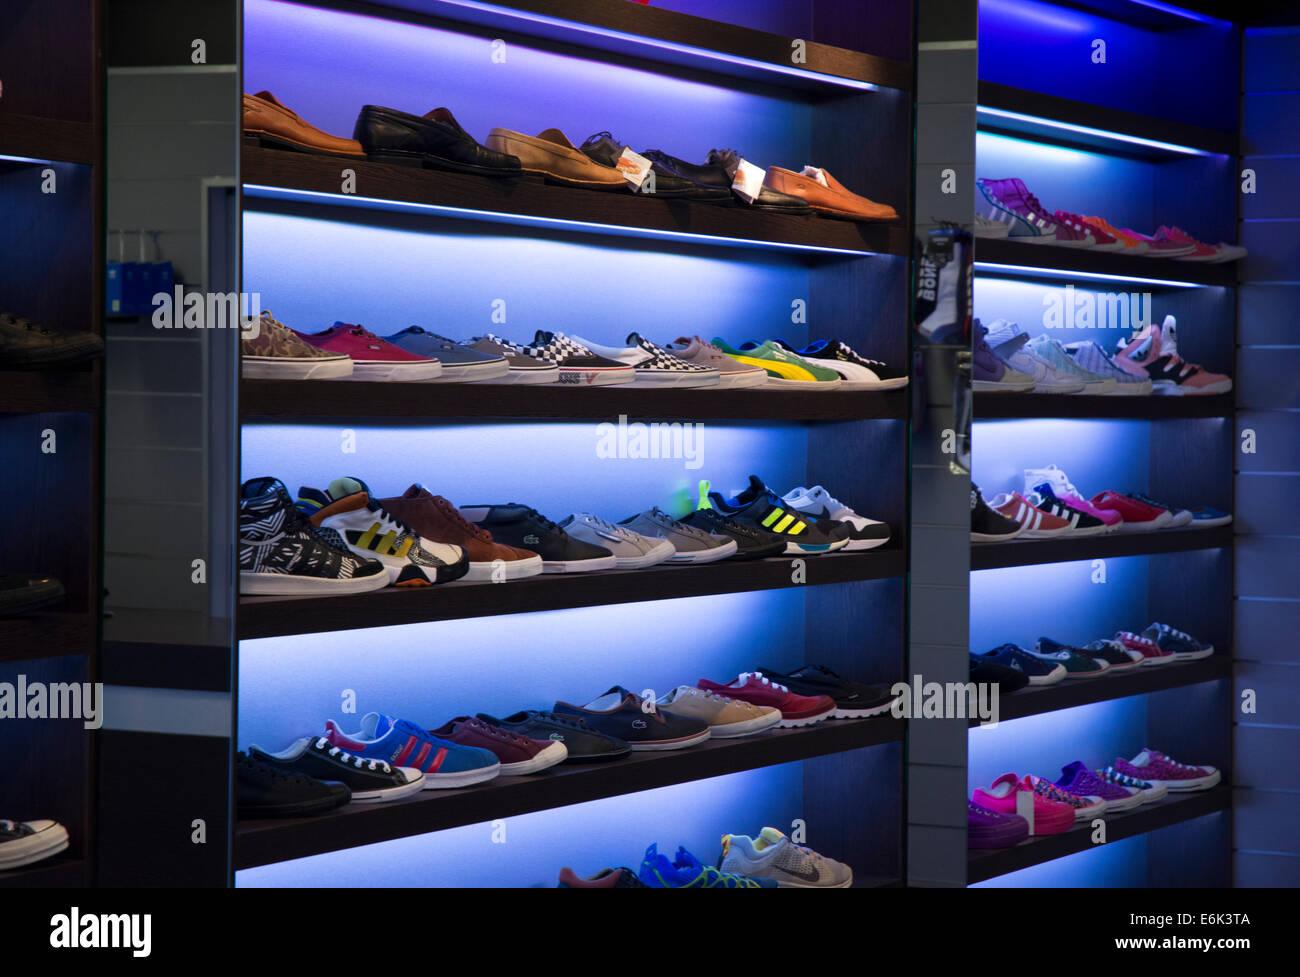 https www alamyimages fr photo image chaussures sur etagere de magasin de chaussures 72949530 html